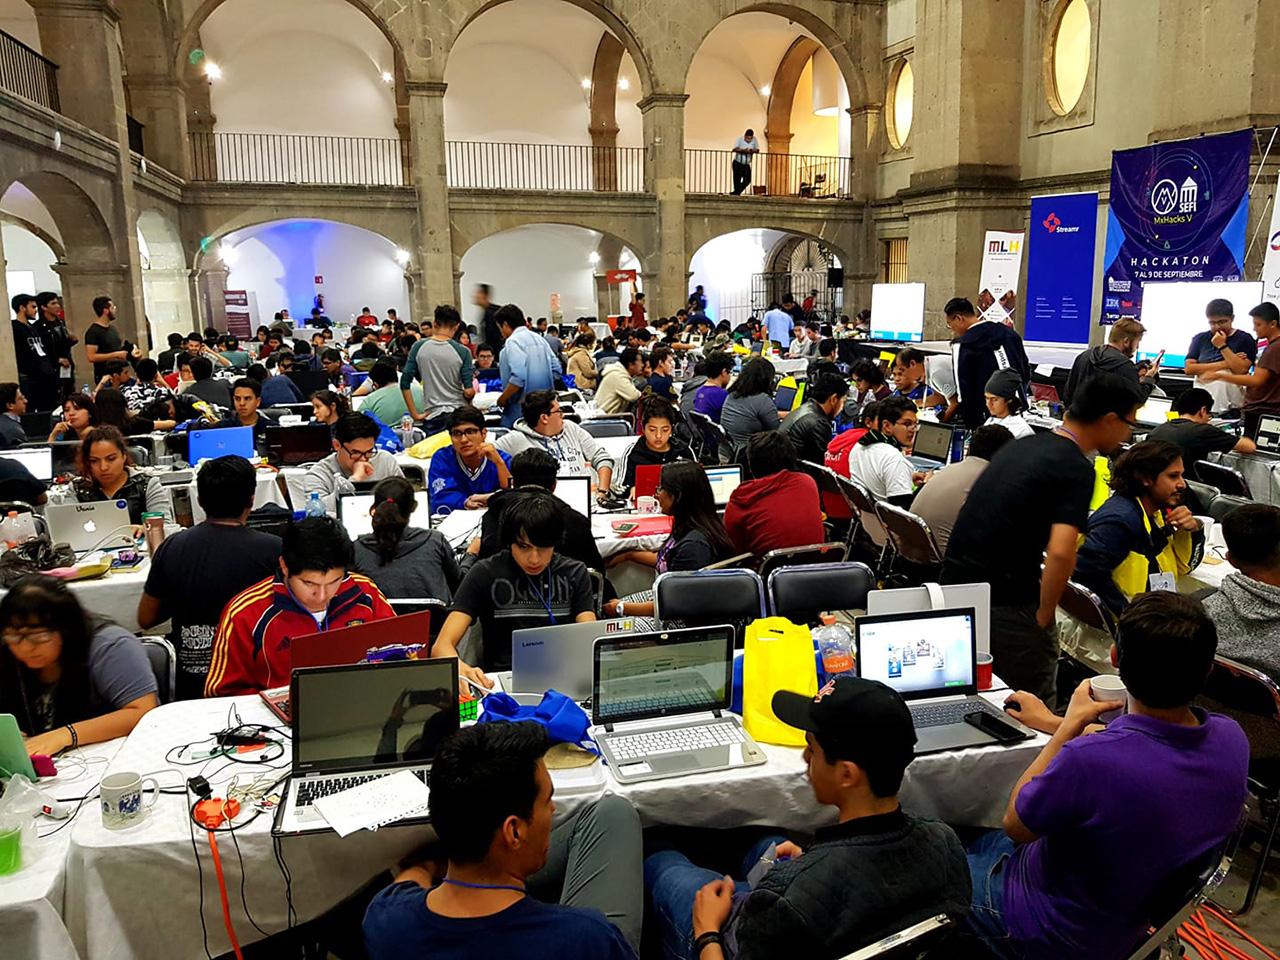 GINgroup y gobierno de la CDMX organizan el Hackatón Talento CDMX